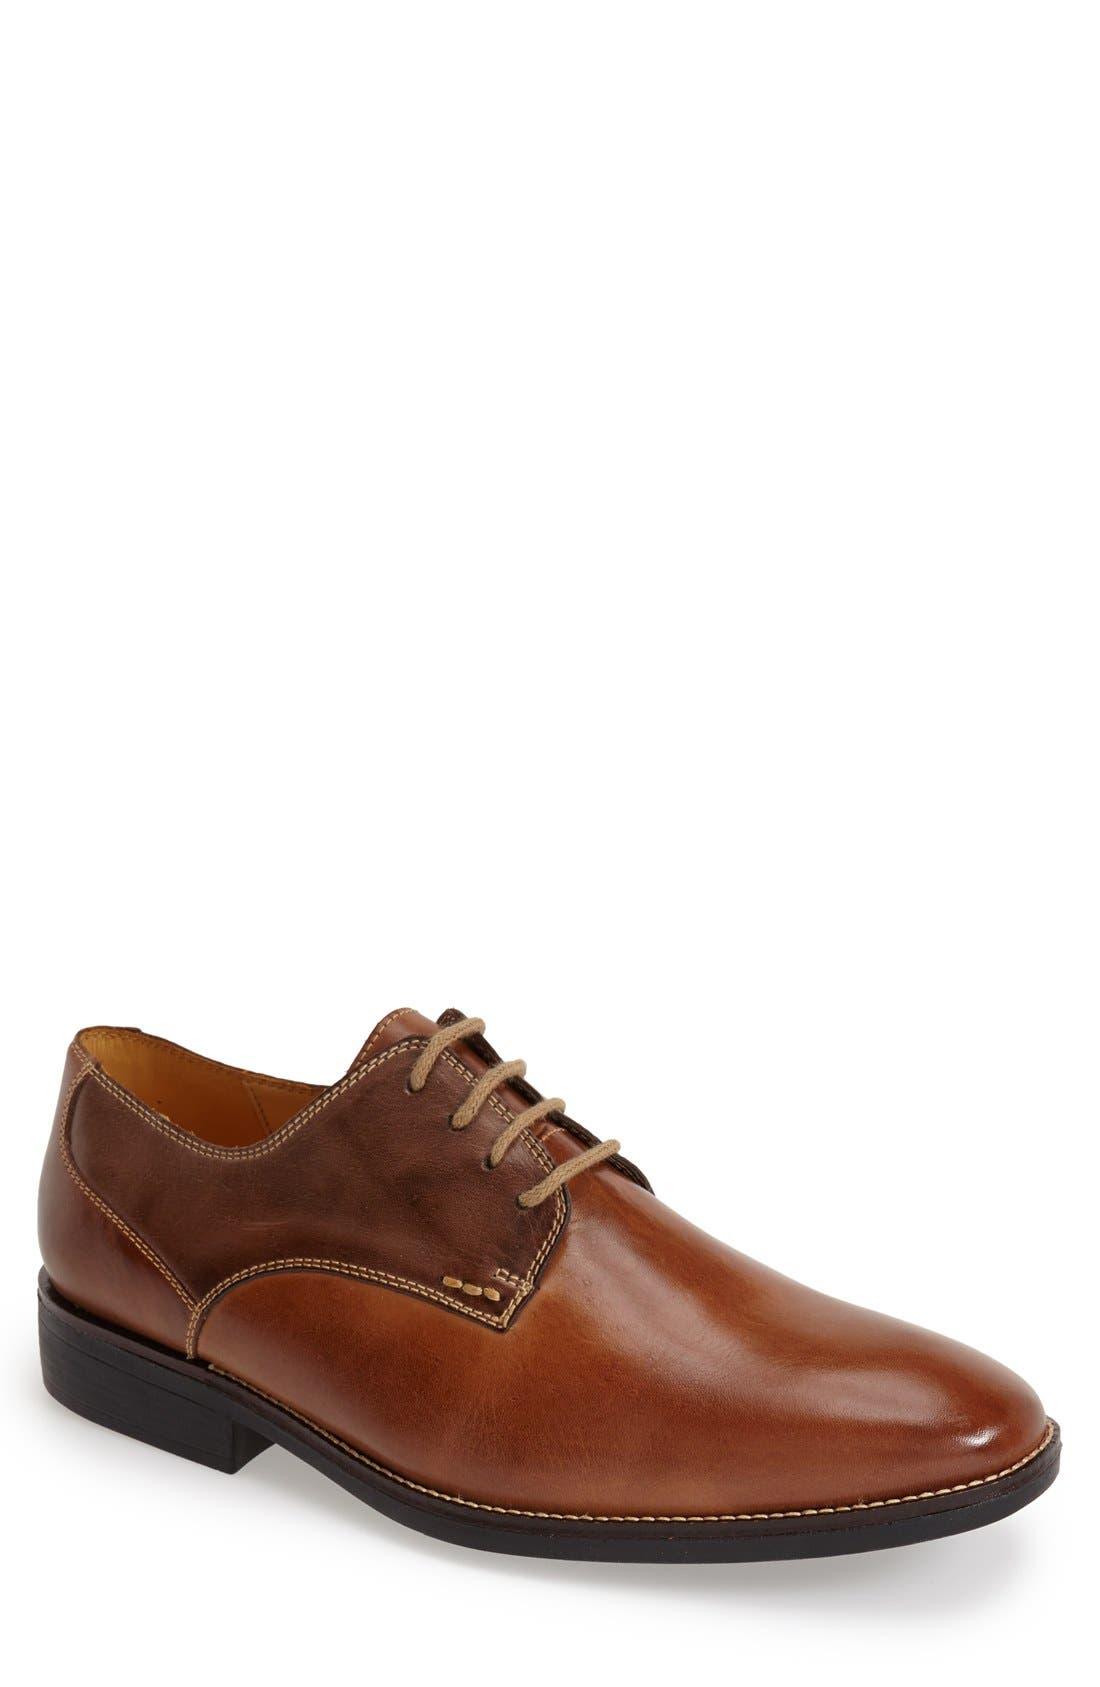 'Olsen' Plain Toe Derby,                             Main thumbnail 1, color,                             Brown